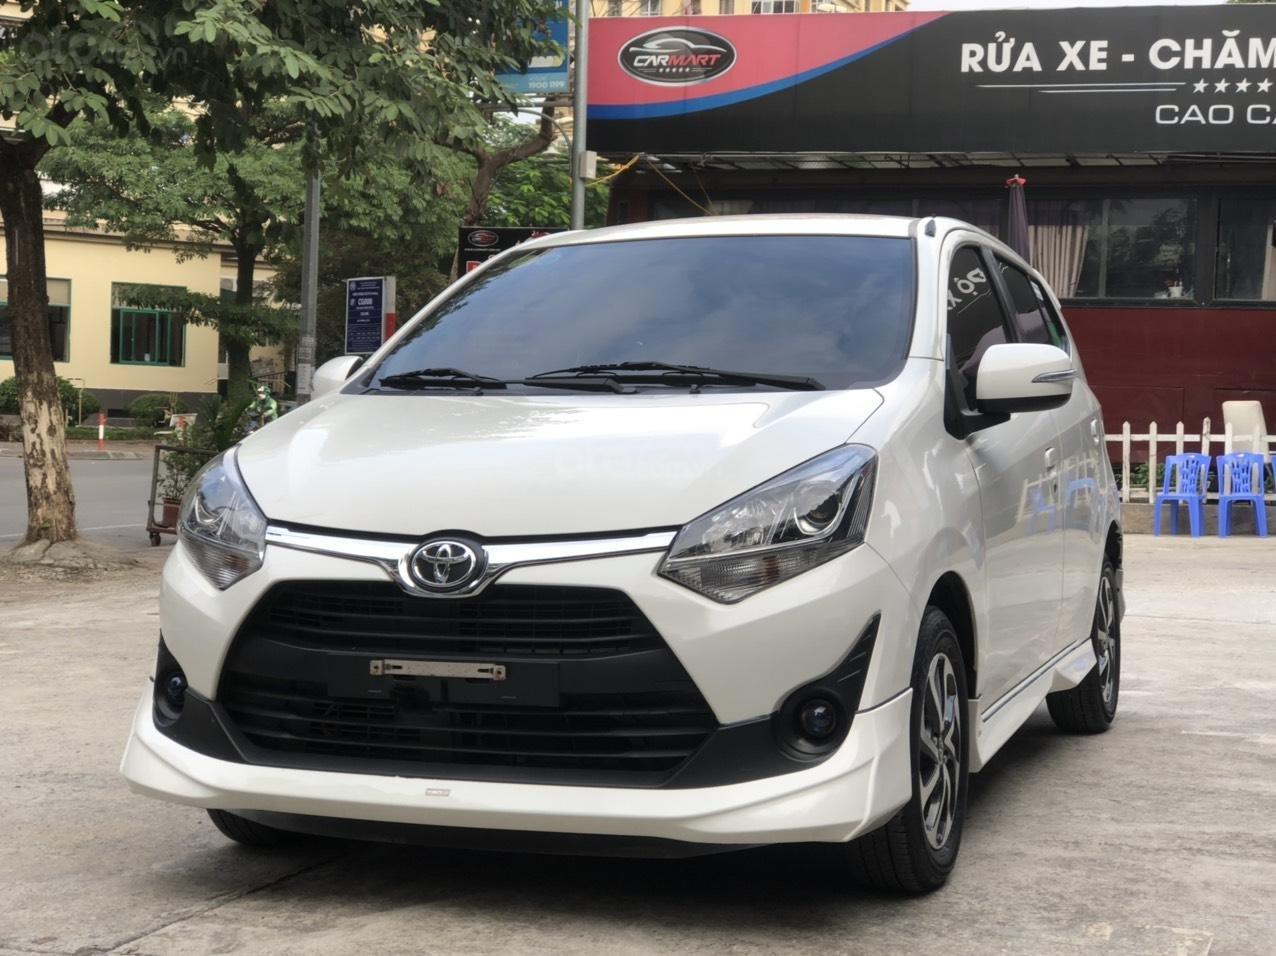 Toyota Wigo 1.2 G AT 2018, màu trắng, số tự động, trả góp (1)